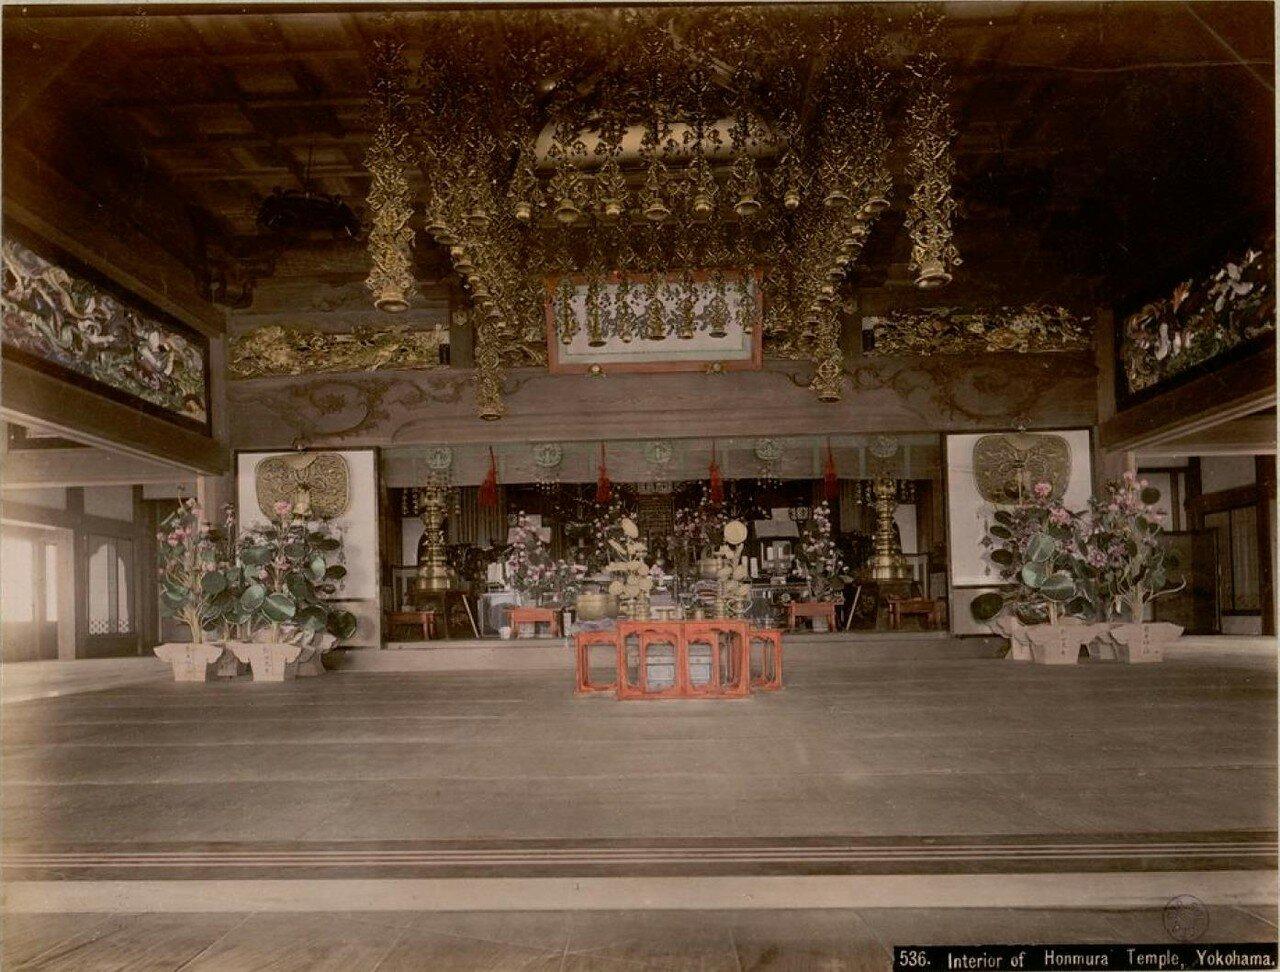 Иокогама. Храм Хонмура. Интерьер